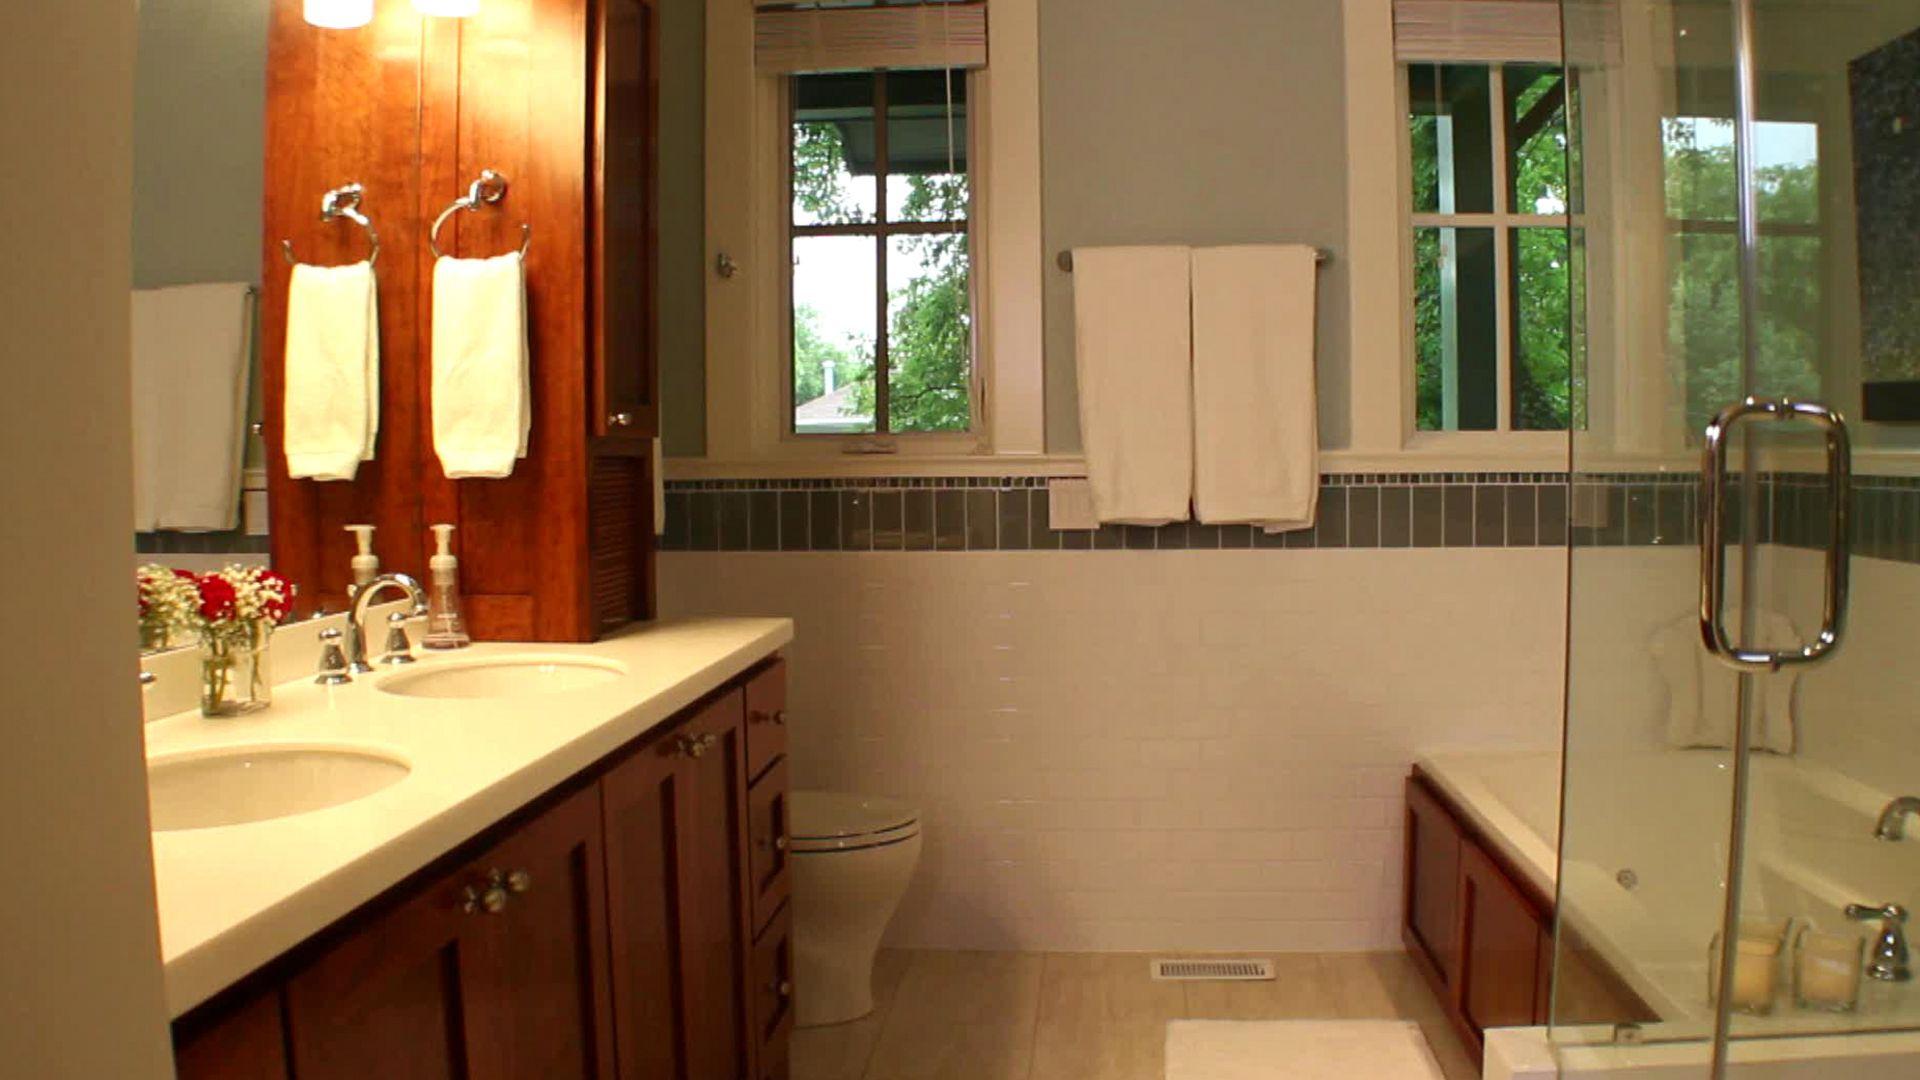 günstige badezimmer dekorieren ideen  die übergroßen